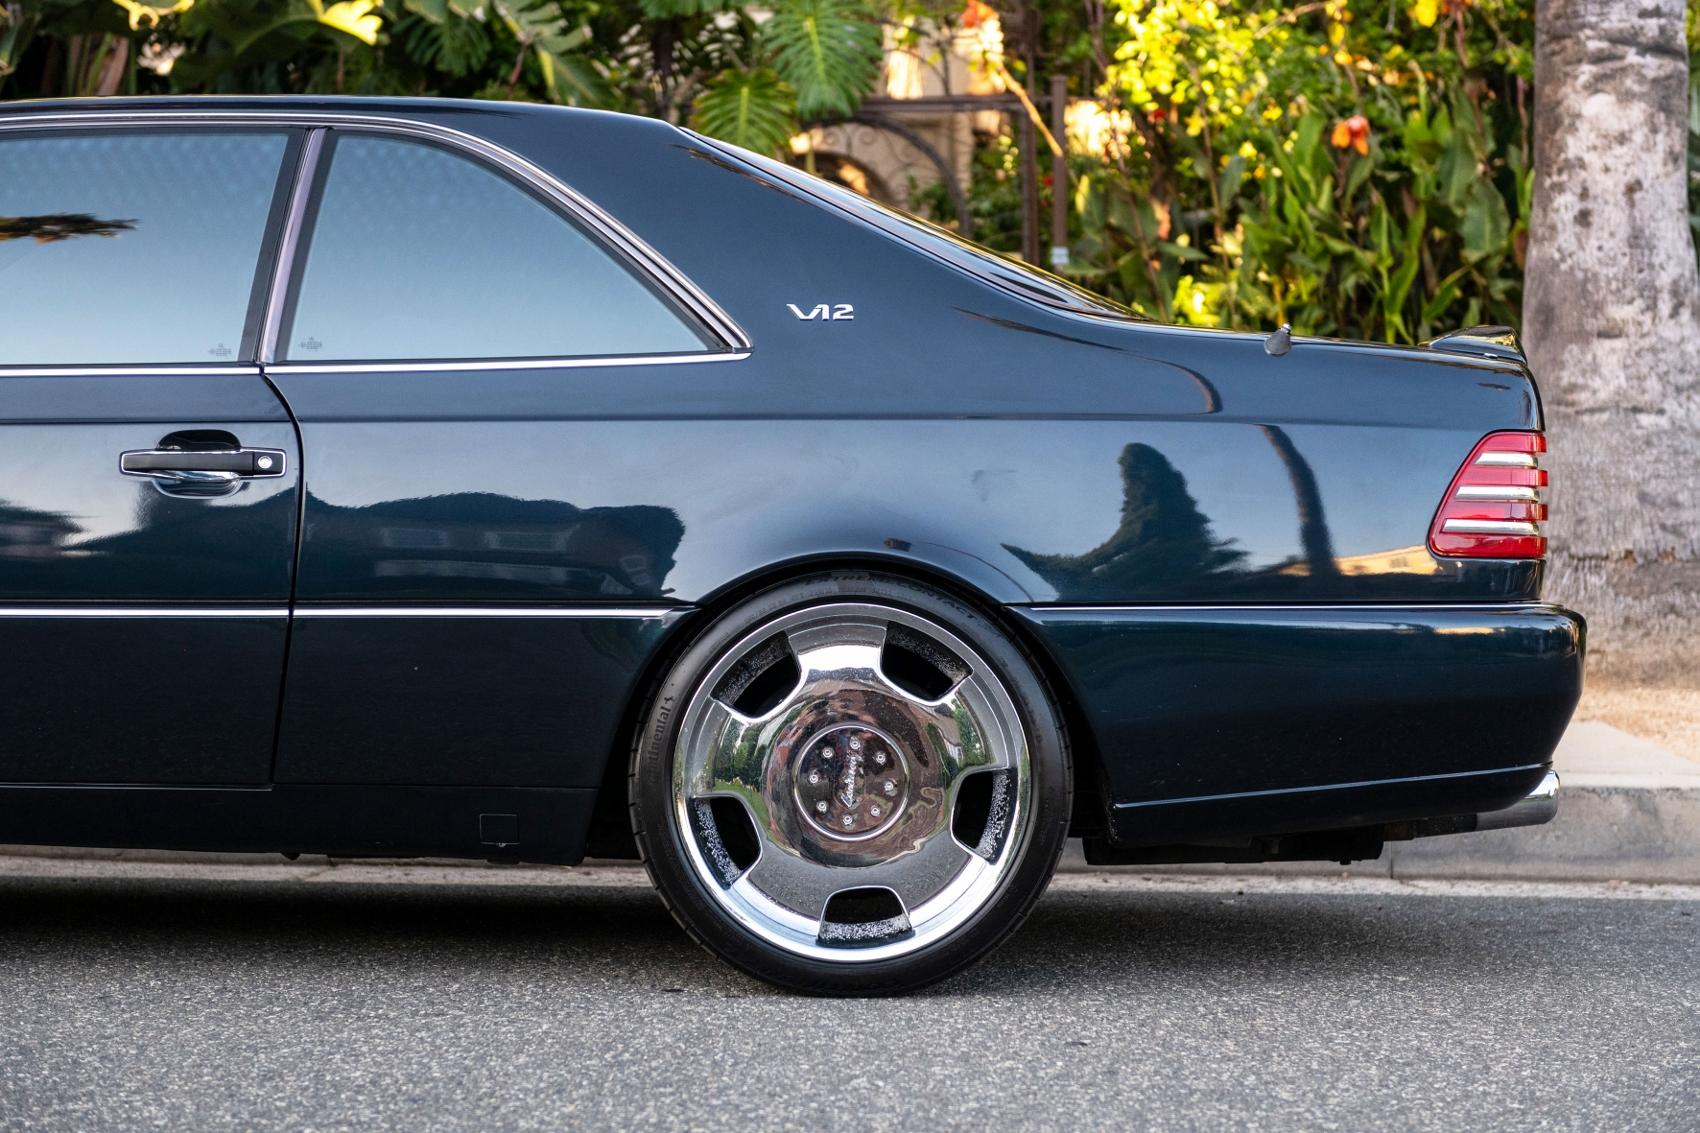 Pozrite si Mercedes S600 Michaela Jordana z roku 1996 HF4eZQzVT8 lorinsercl600ex-jordansidedetailrea